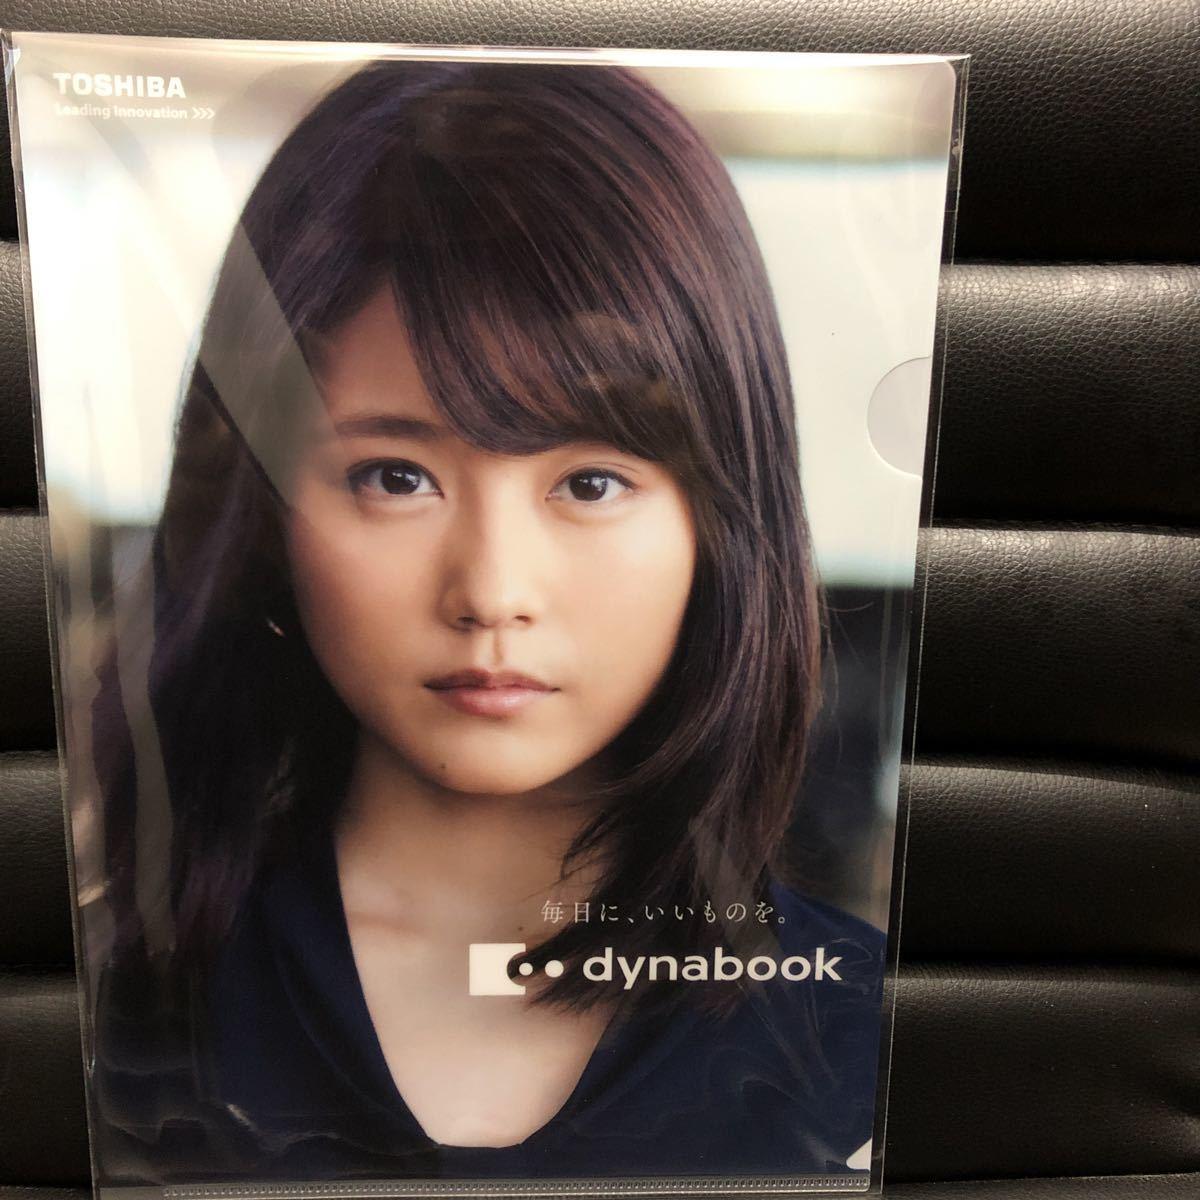 未使用★有村架純  非売品クリアファイル 東芝 dynabook 2種2枚セット★_画像2